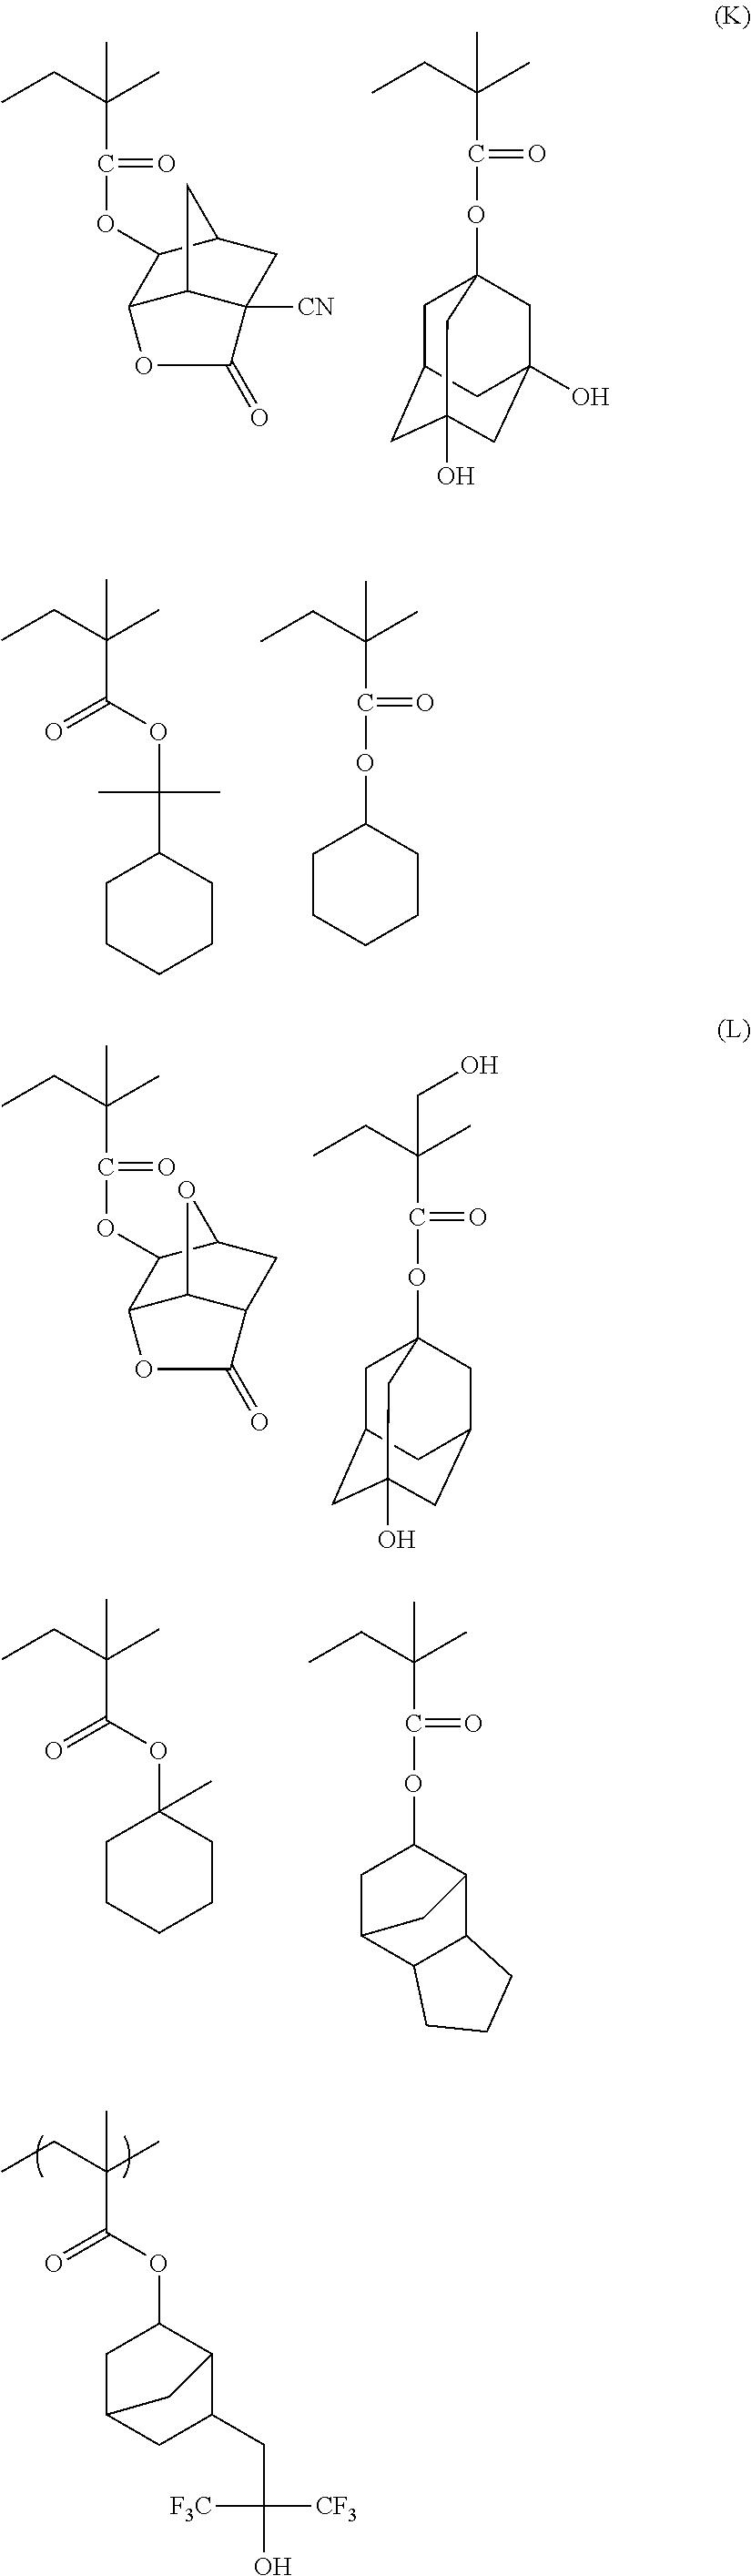 Figure US08637229-20140128-C00113